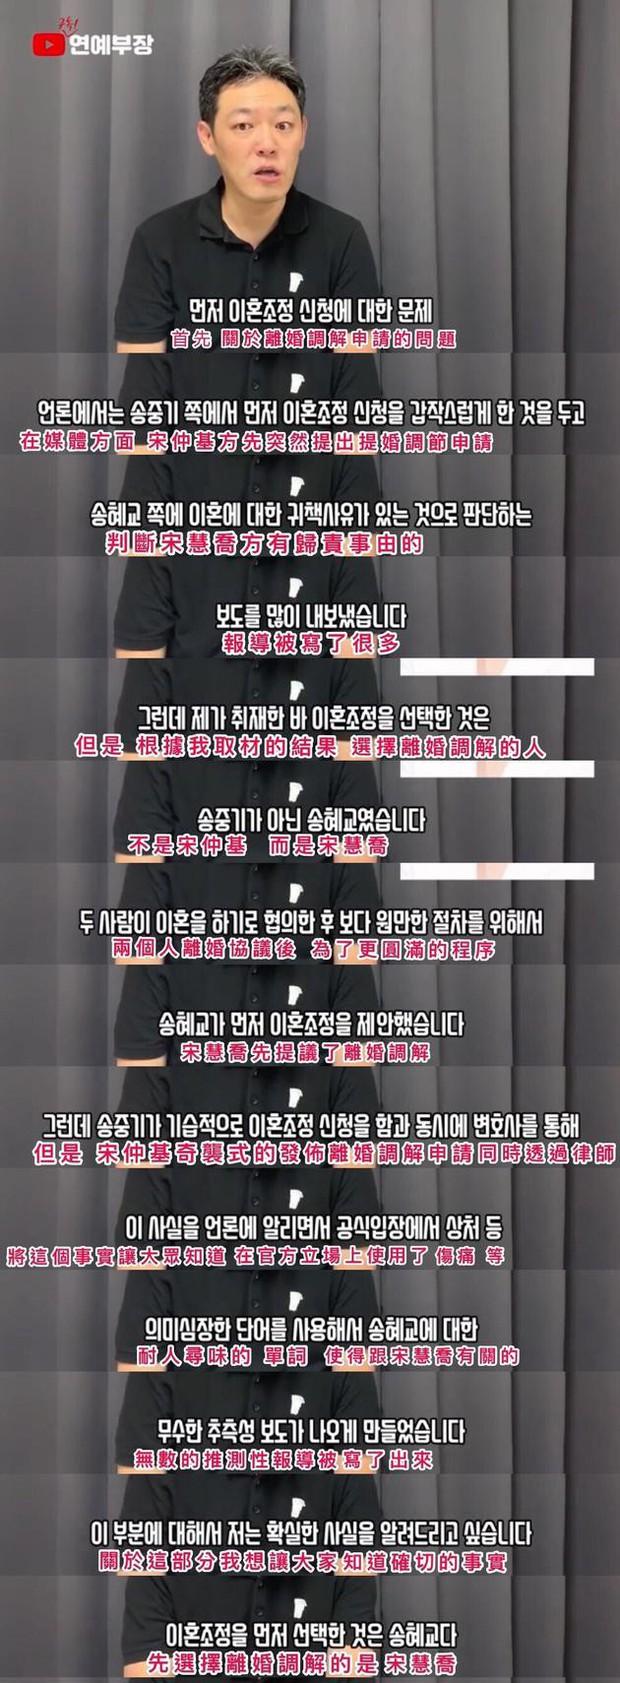 SỐC: Blogger nổi tiếng tiết lộ Song Hye Kyo là người đề nghị ly hôn đầu tiên, bị Song Joong Ki cướp quyền thông báo - Ảnh 2.